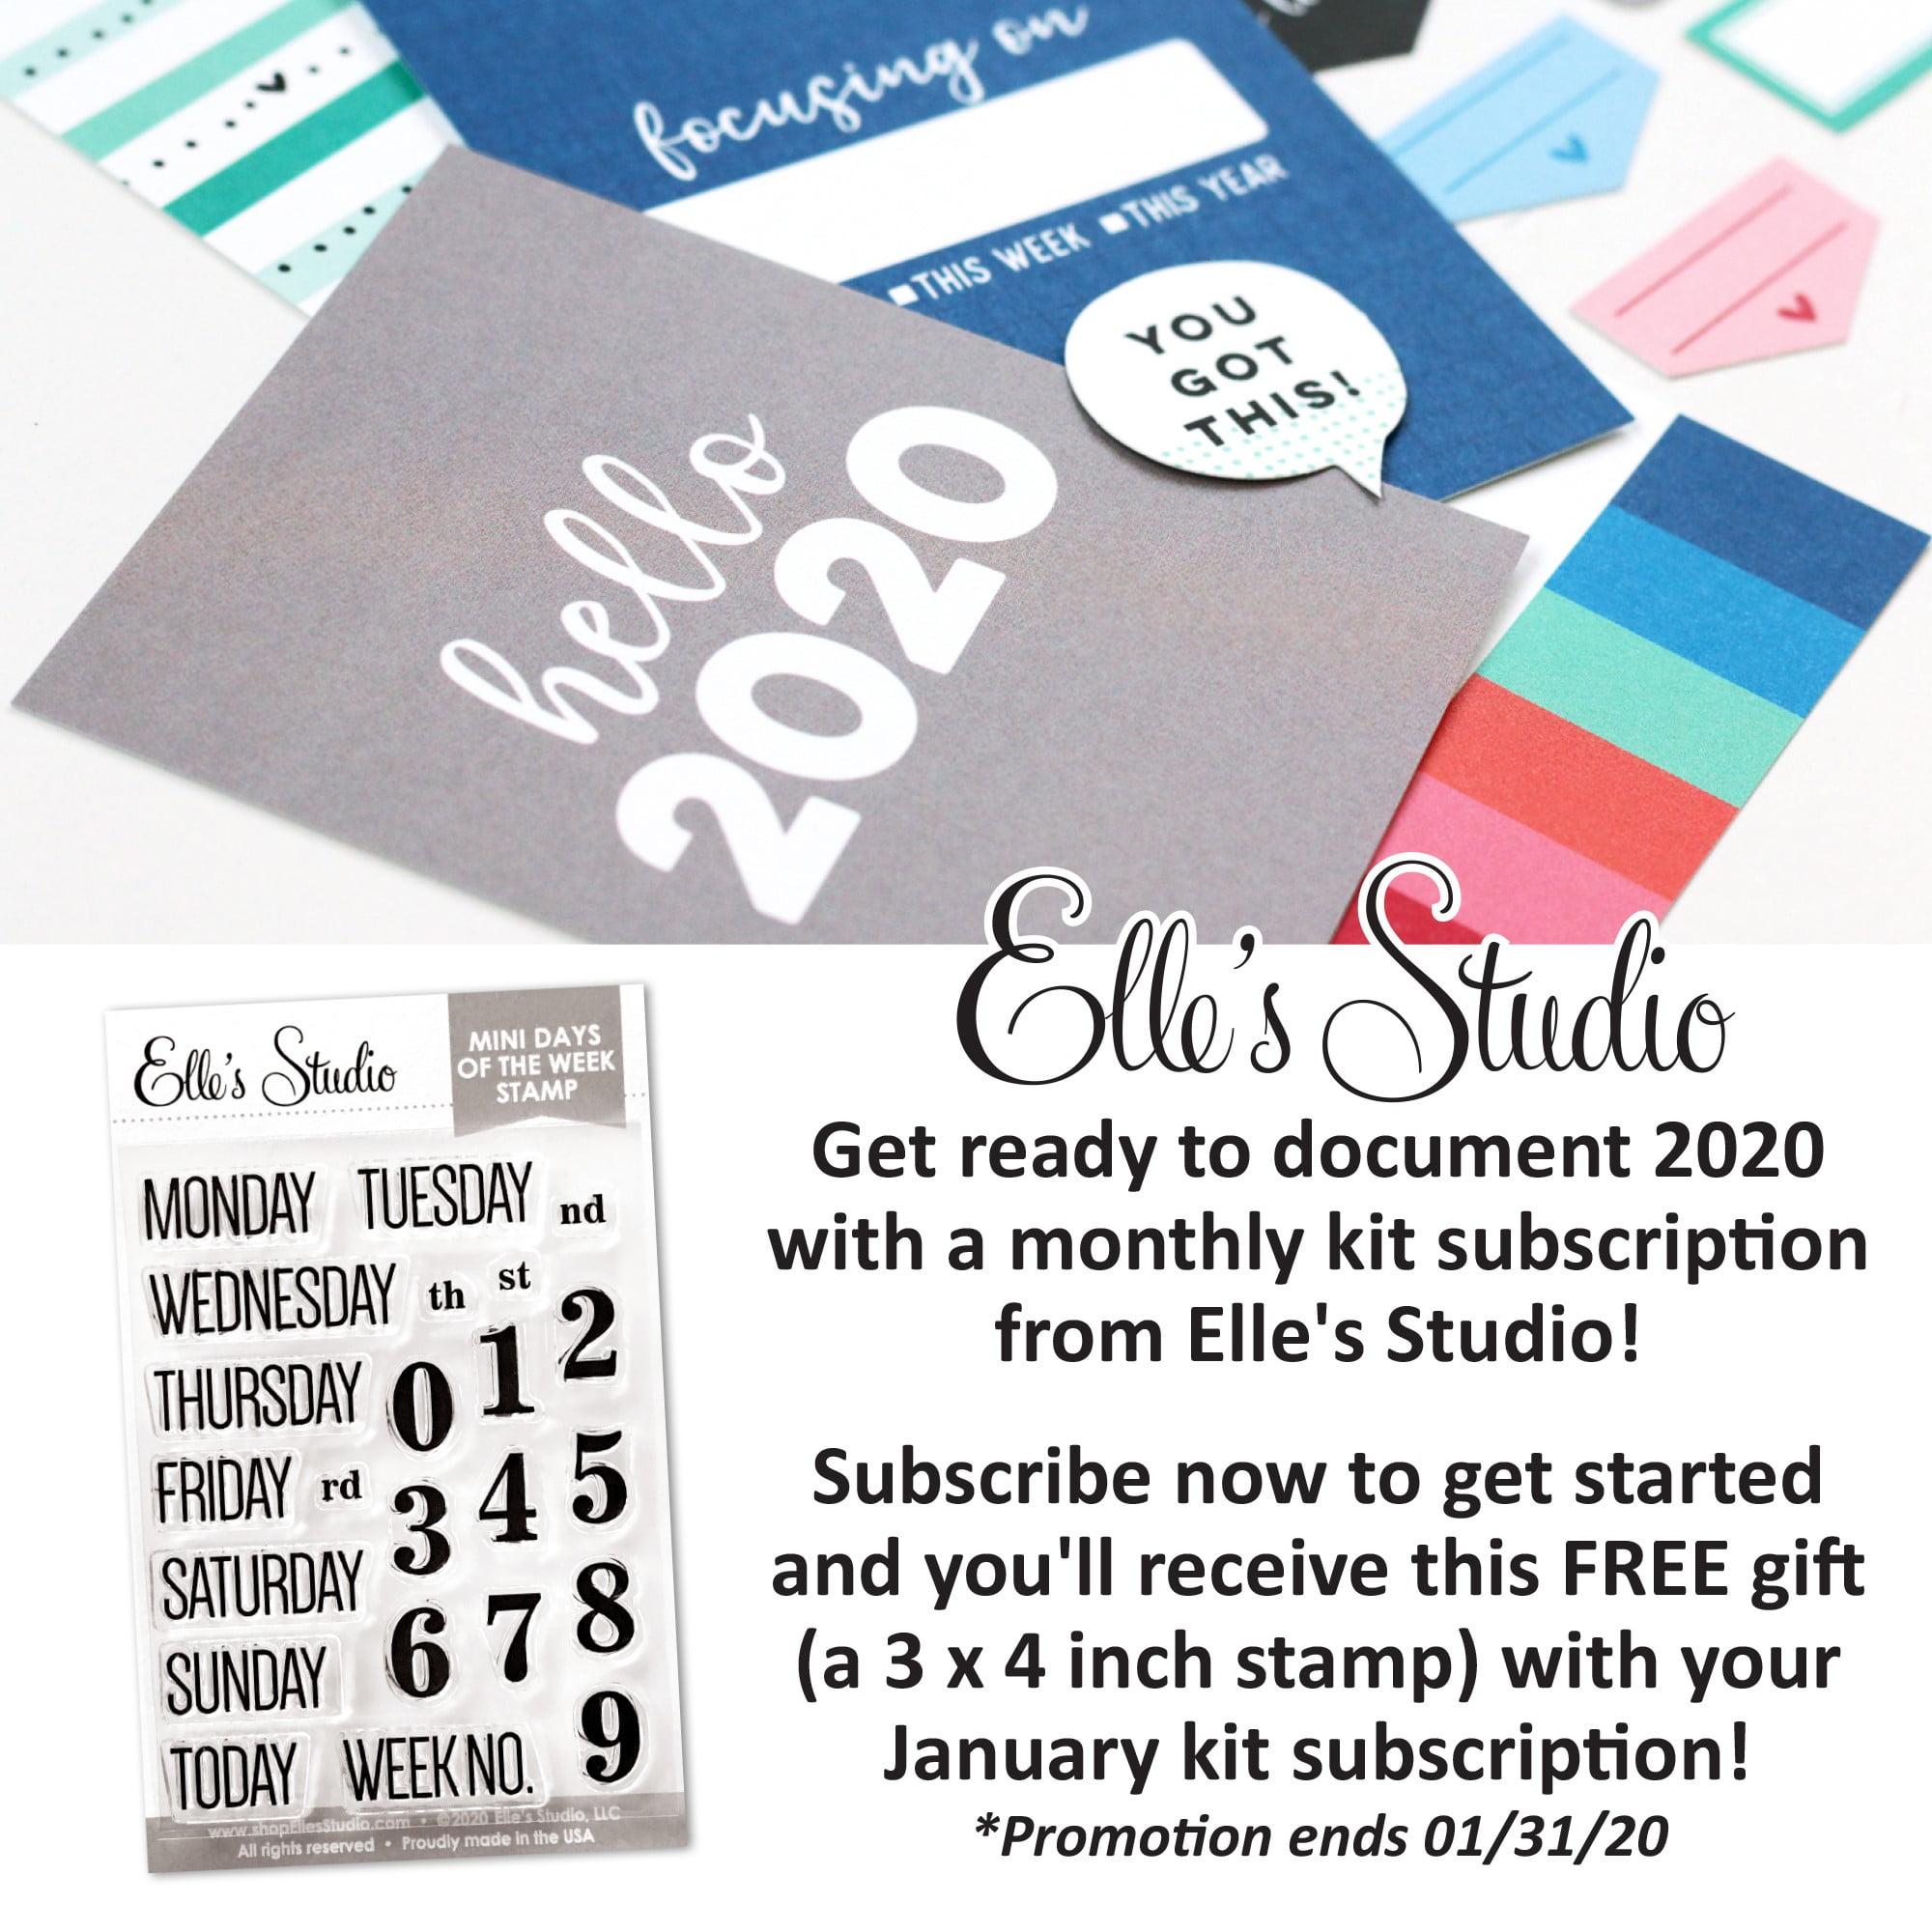 SCT Sampler - January 2020 - Elle's Studio Promotion